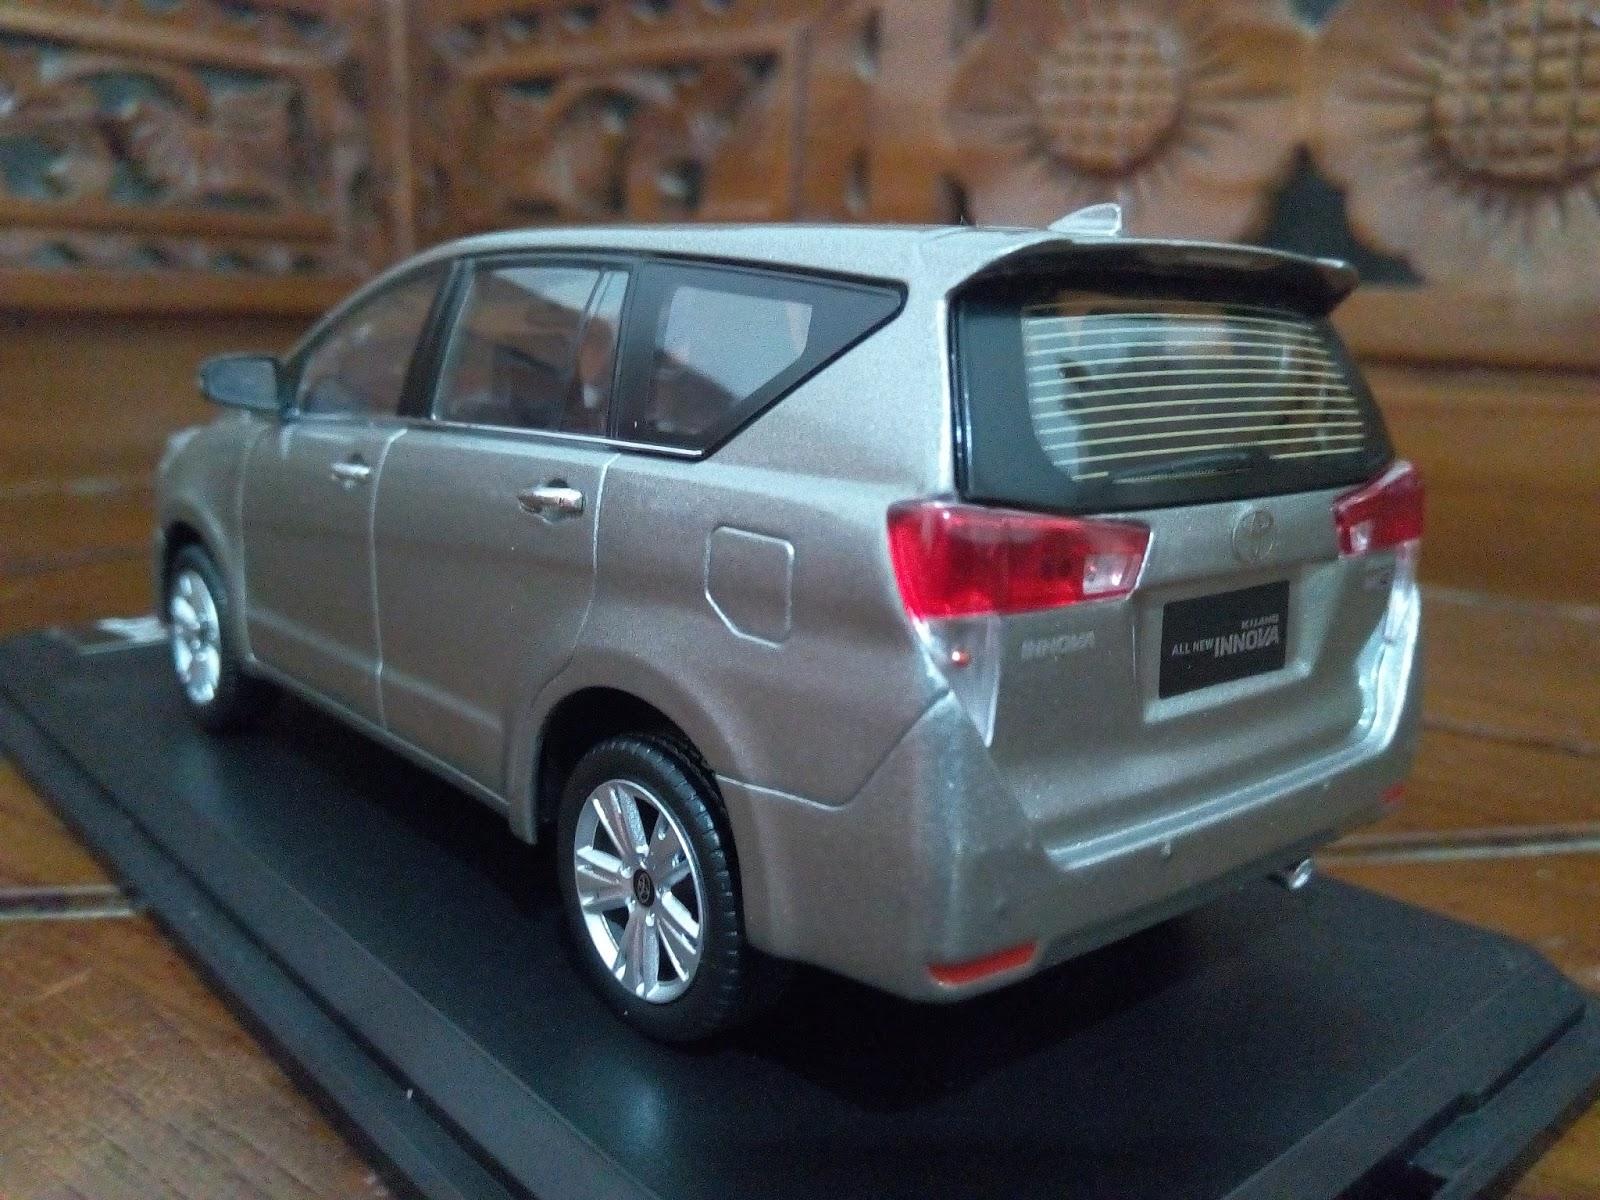 new kijang innova spesifikasi toyota grand veloz 1.5 2016 miniatur diecast mobil